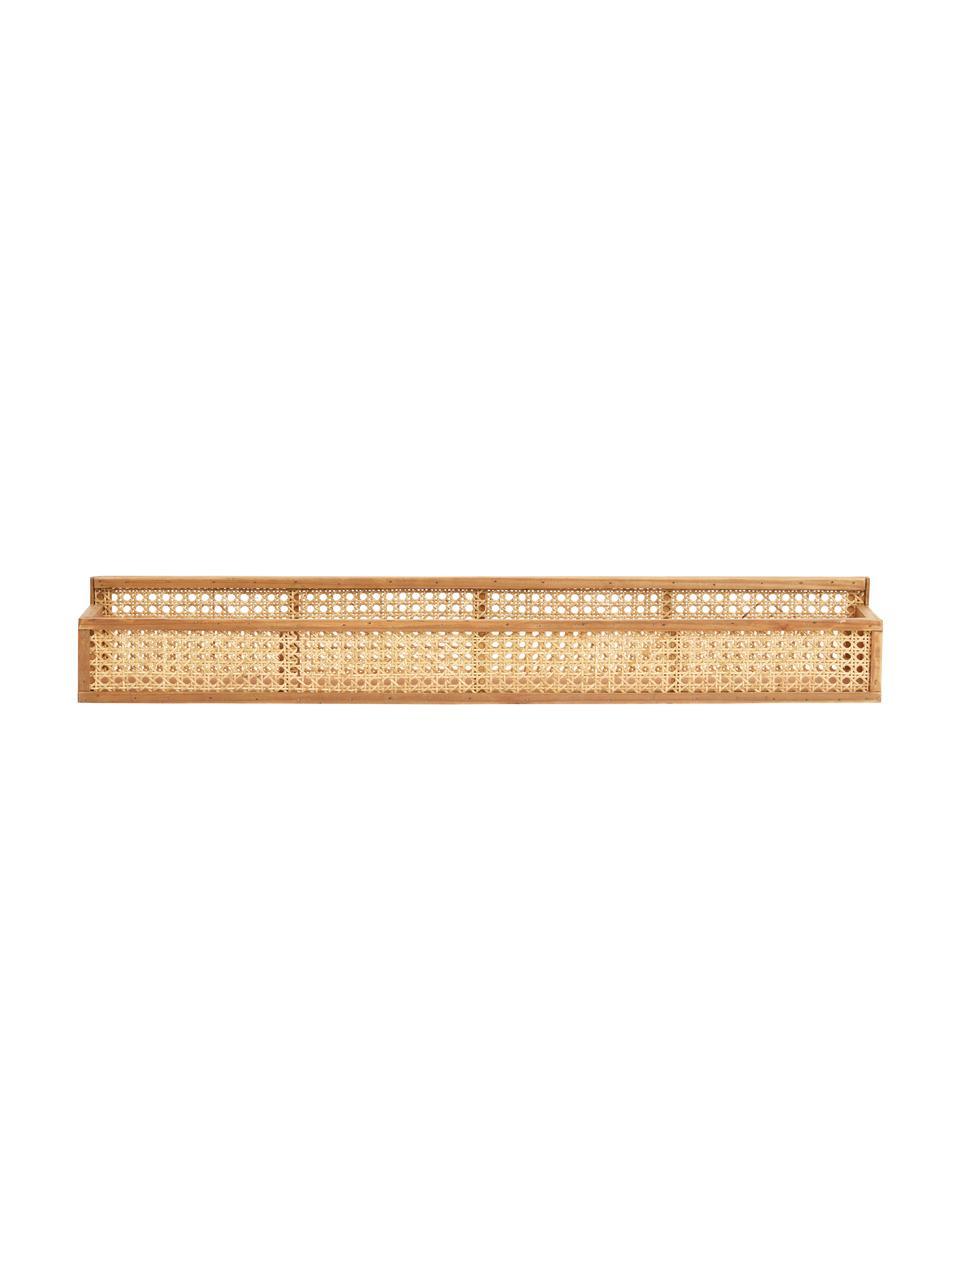 Półka ścienna z plecionka wiedeńską Shelfi, Rattan, Brązowy, S 46 x W 13 cm